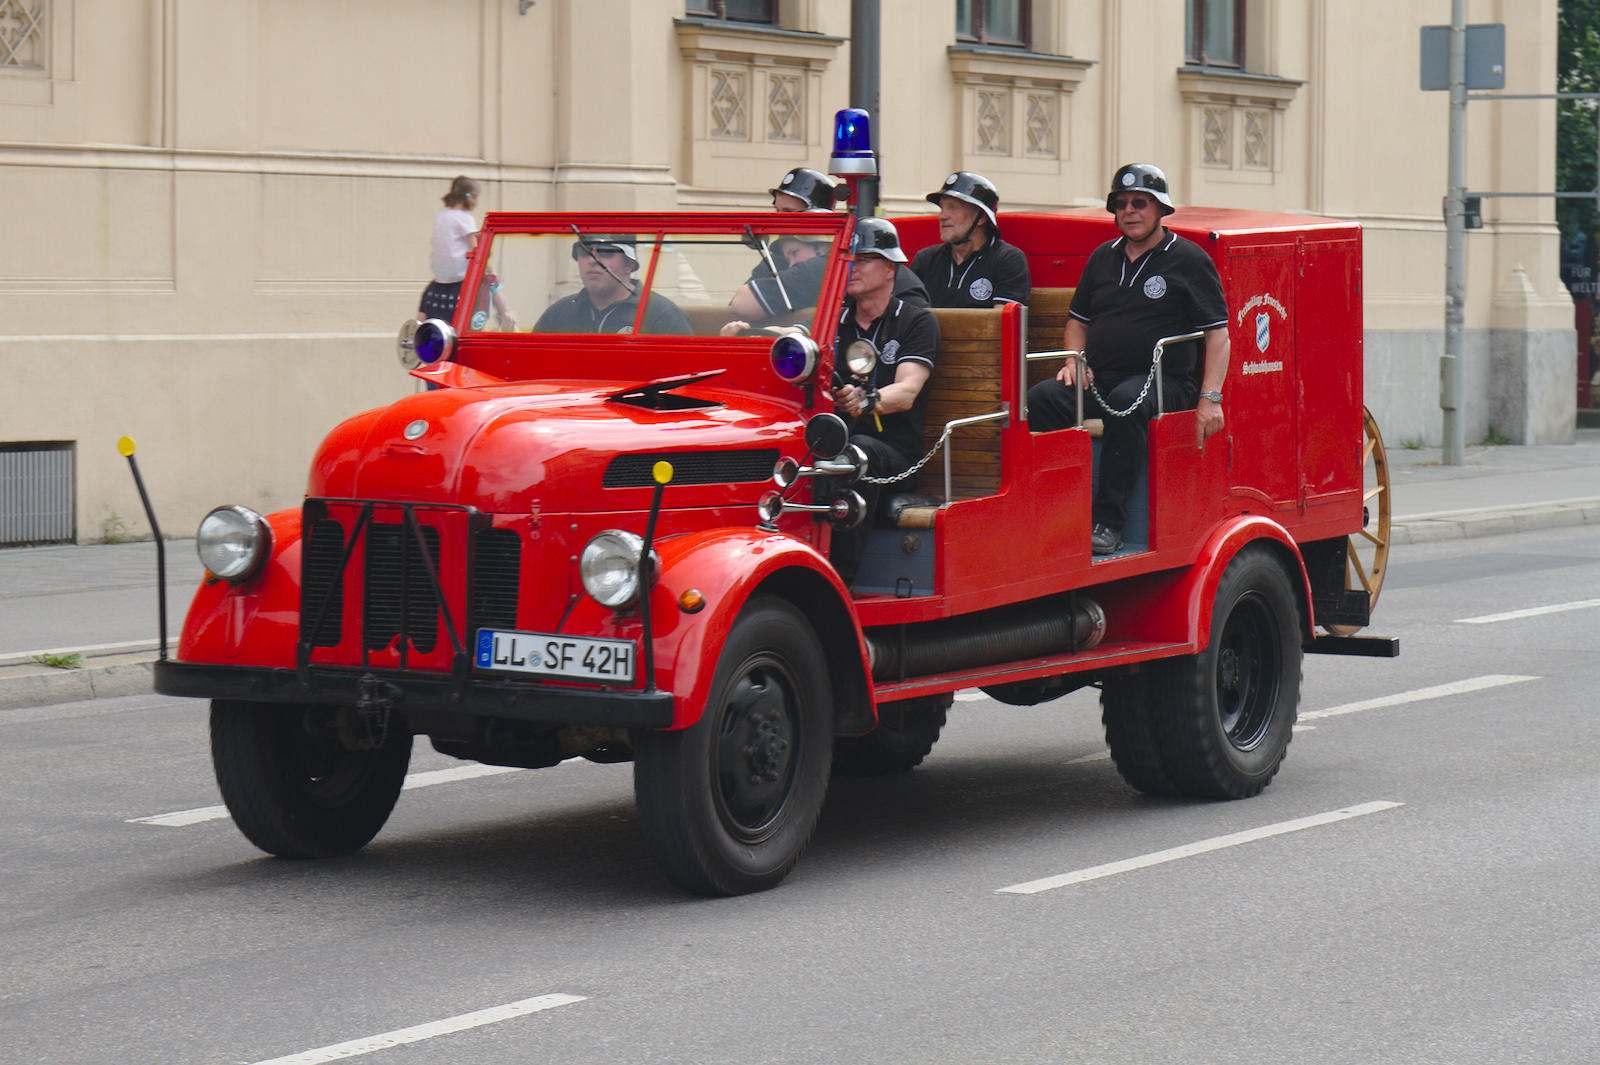 volunteer fire department5 150 Years Volunteer Fire Department in Munich